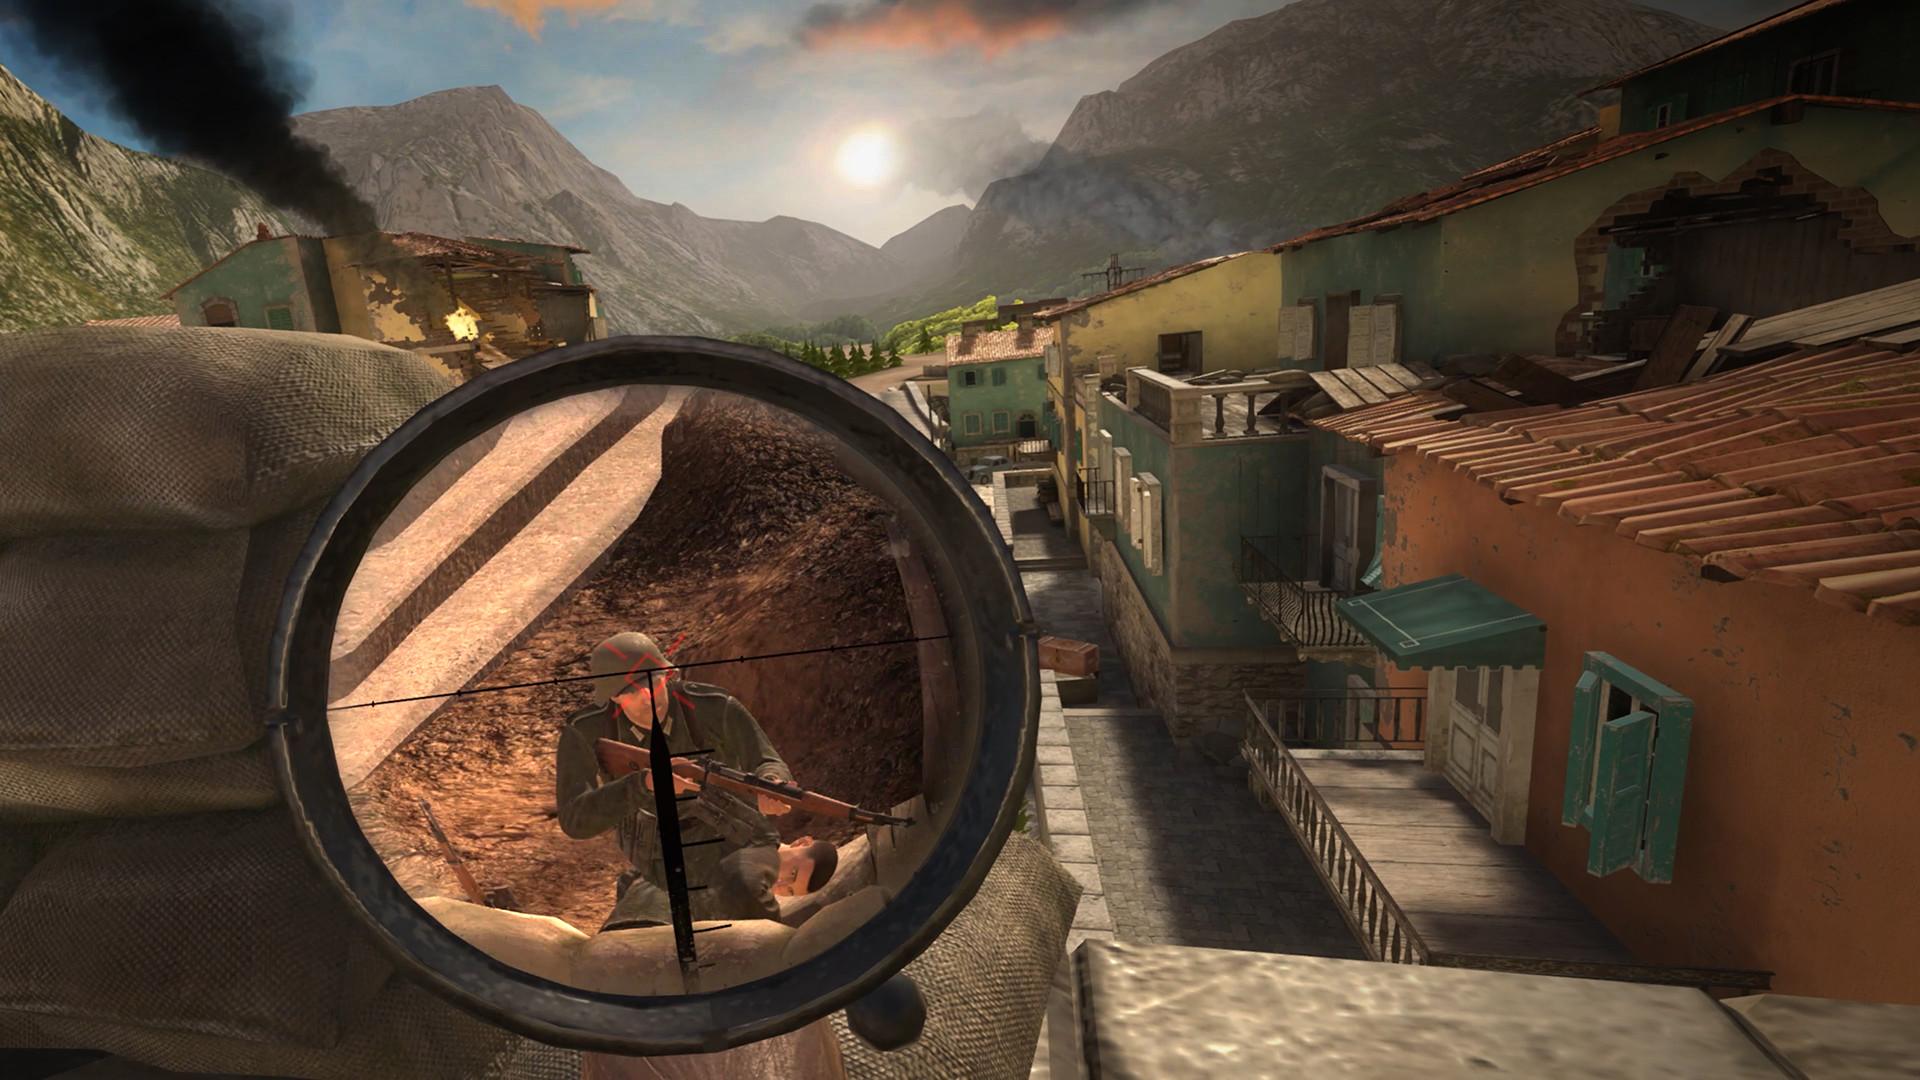 Oculus Quest 游戏《Sniper Elite VR》狙击精英插图